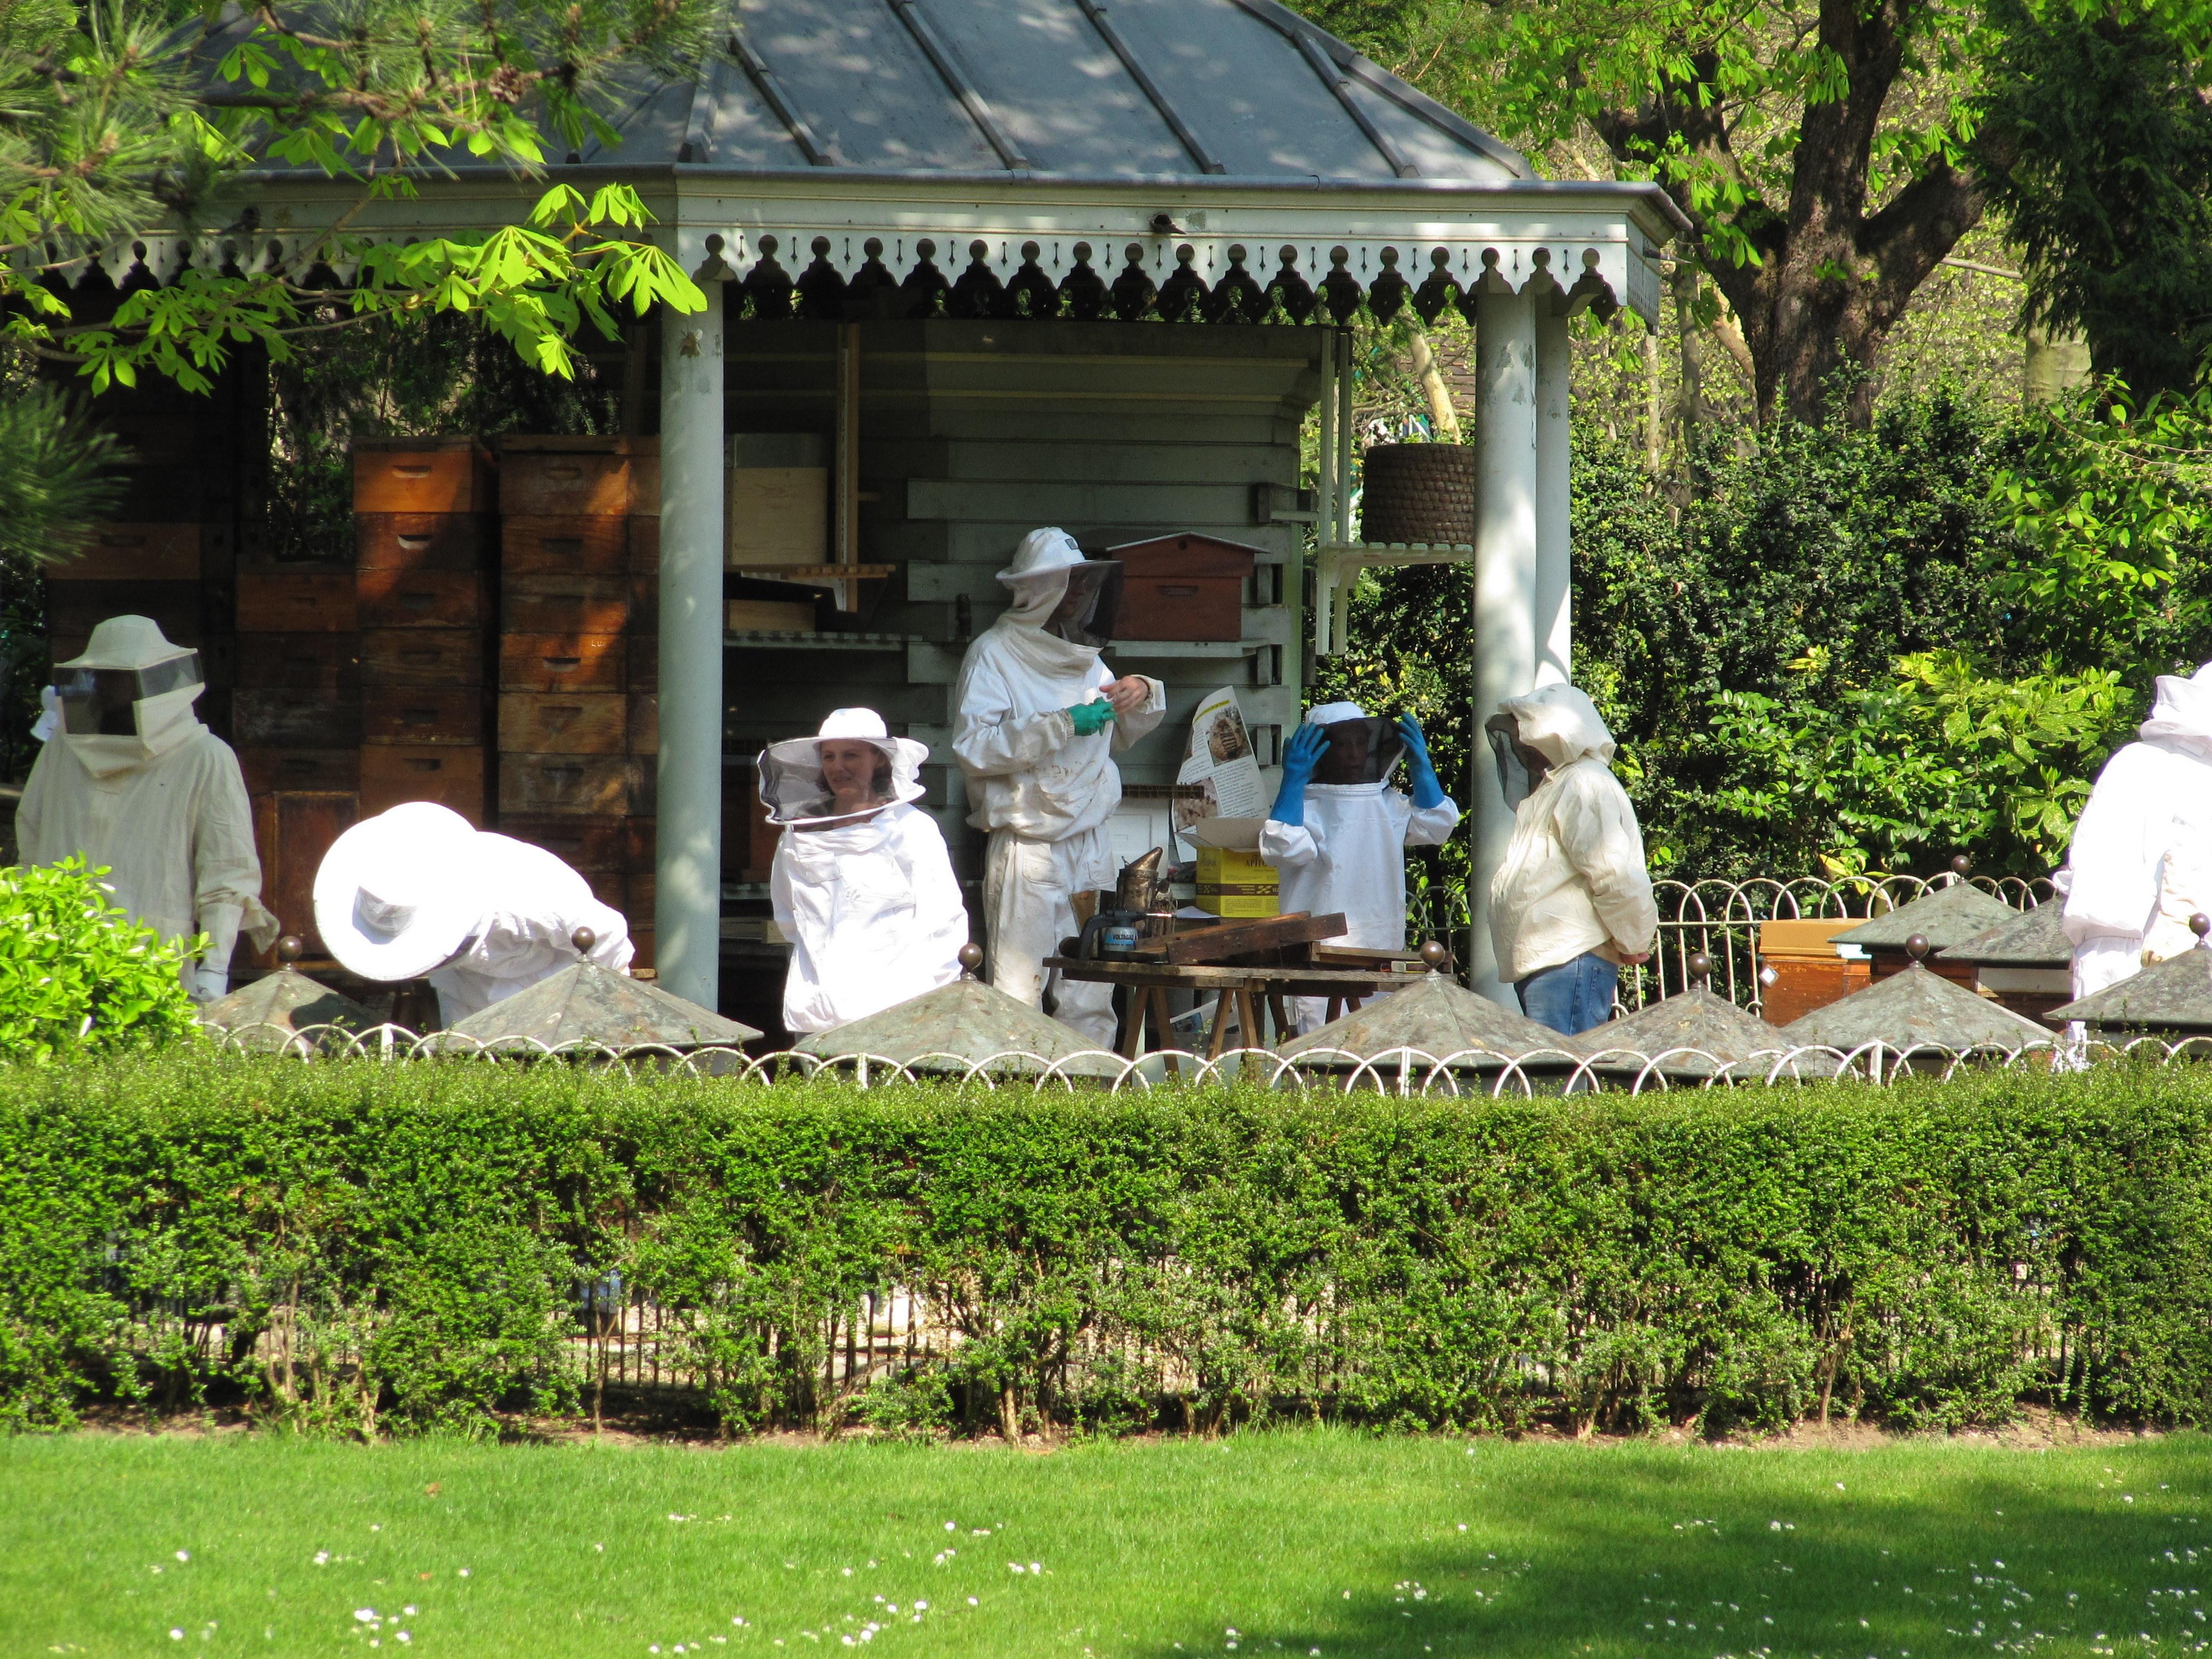 File Apiculteurs des ruches du Jardin du Luxembourg JPG